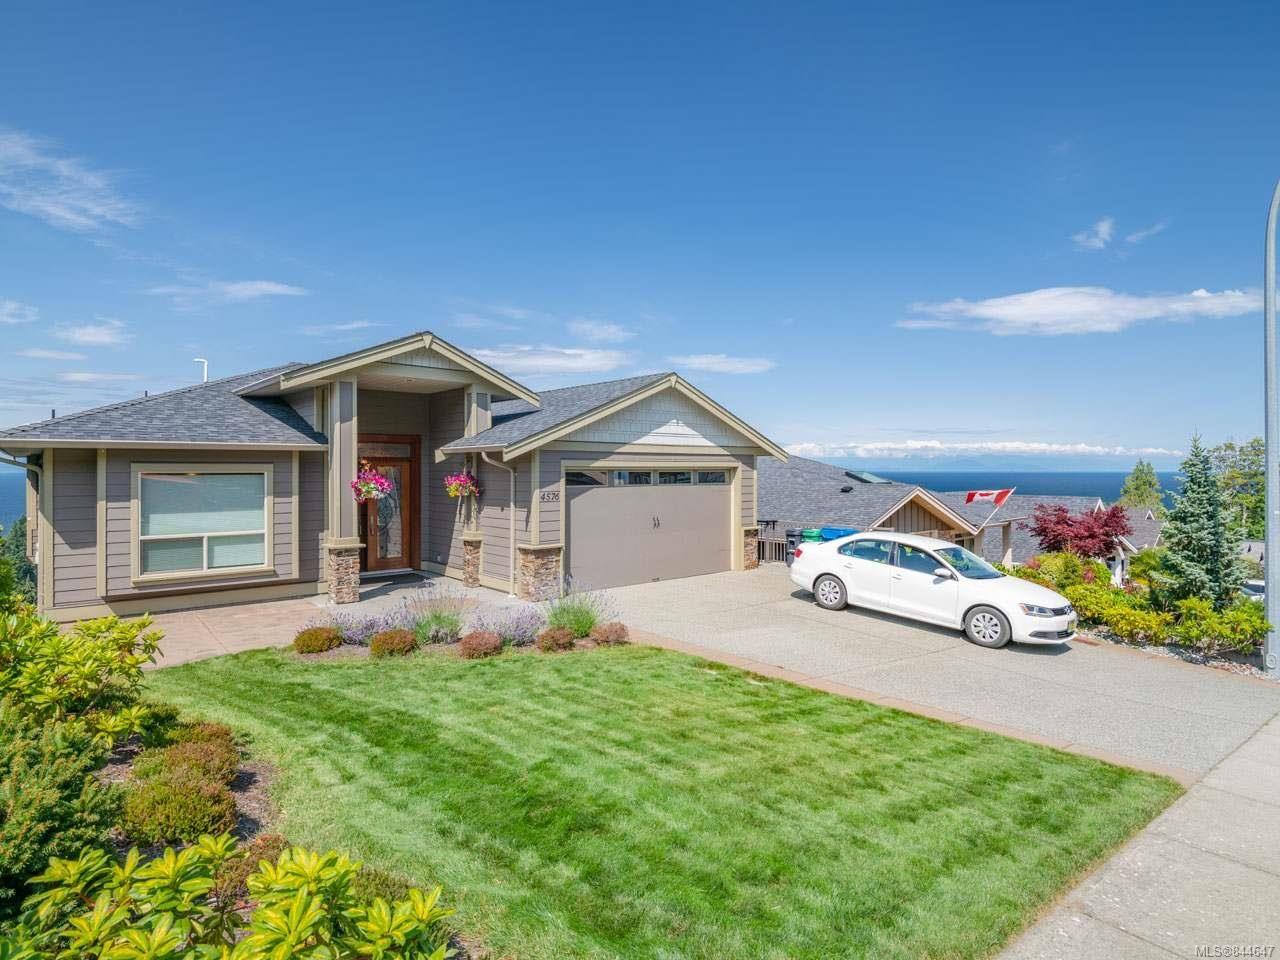 Photo 2: Photos: 4576 Laguna Way in NANAIMO: Na North Nanaimo House for sale (Nanaimo)  : MLS®# 844647